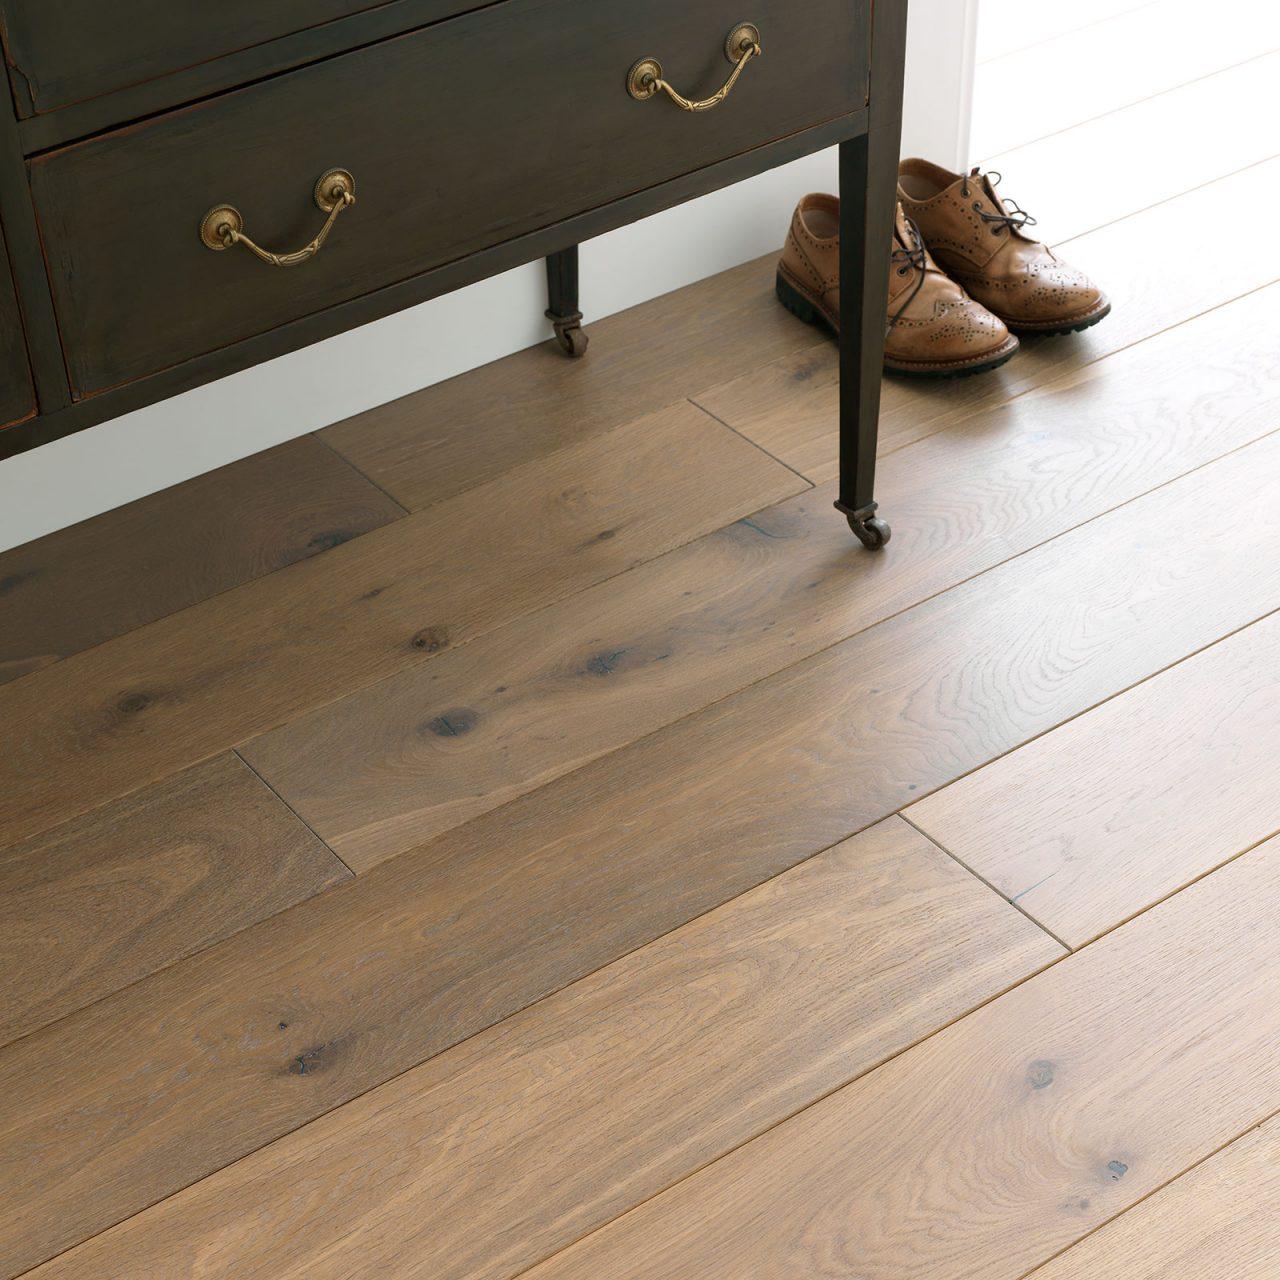 Chepstow washed Oak. Engineered hardwood flooring